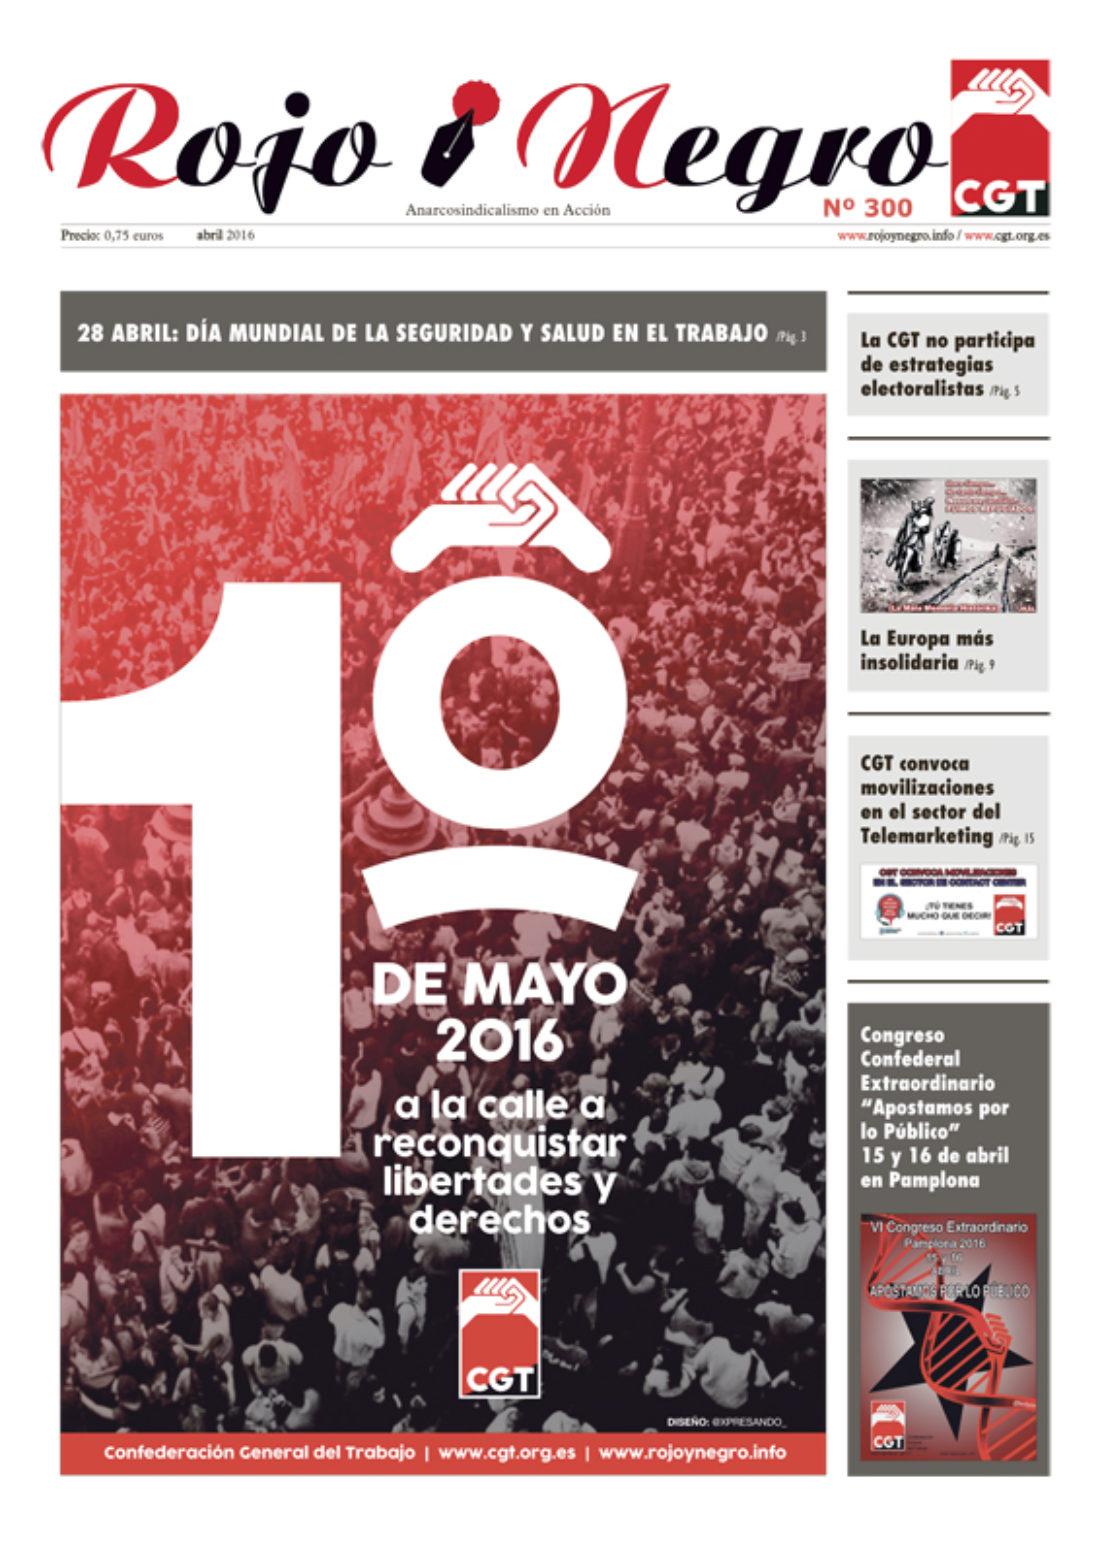 Rojo y Negro Nº 300, abril 2016